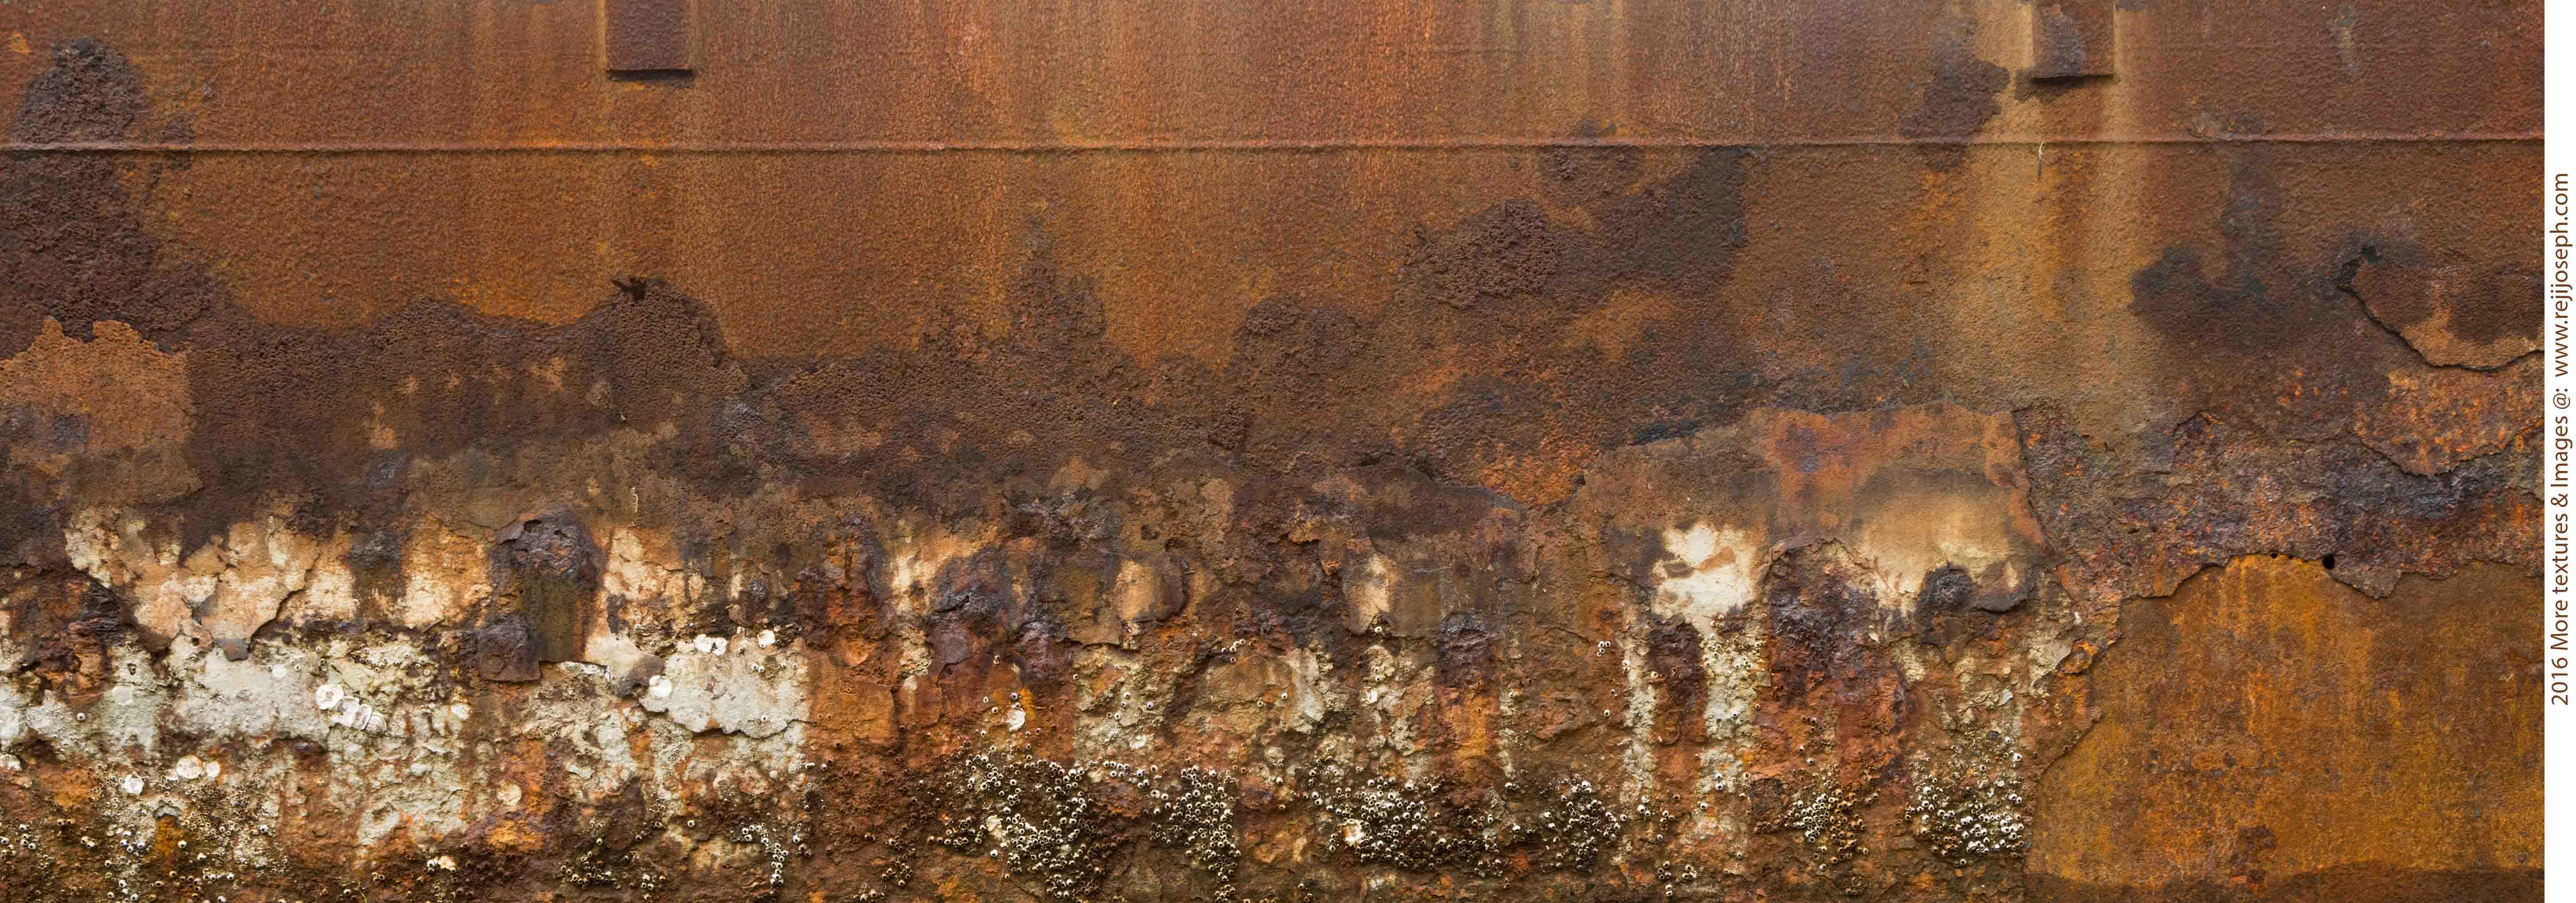 Rusty metal texture 00010